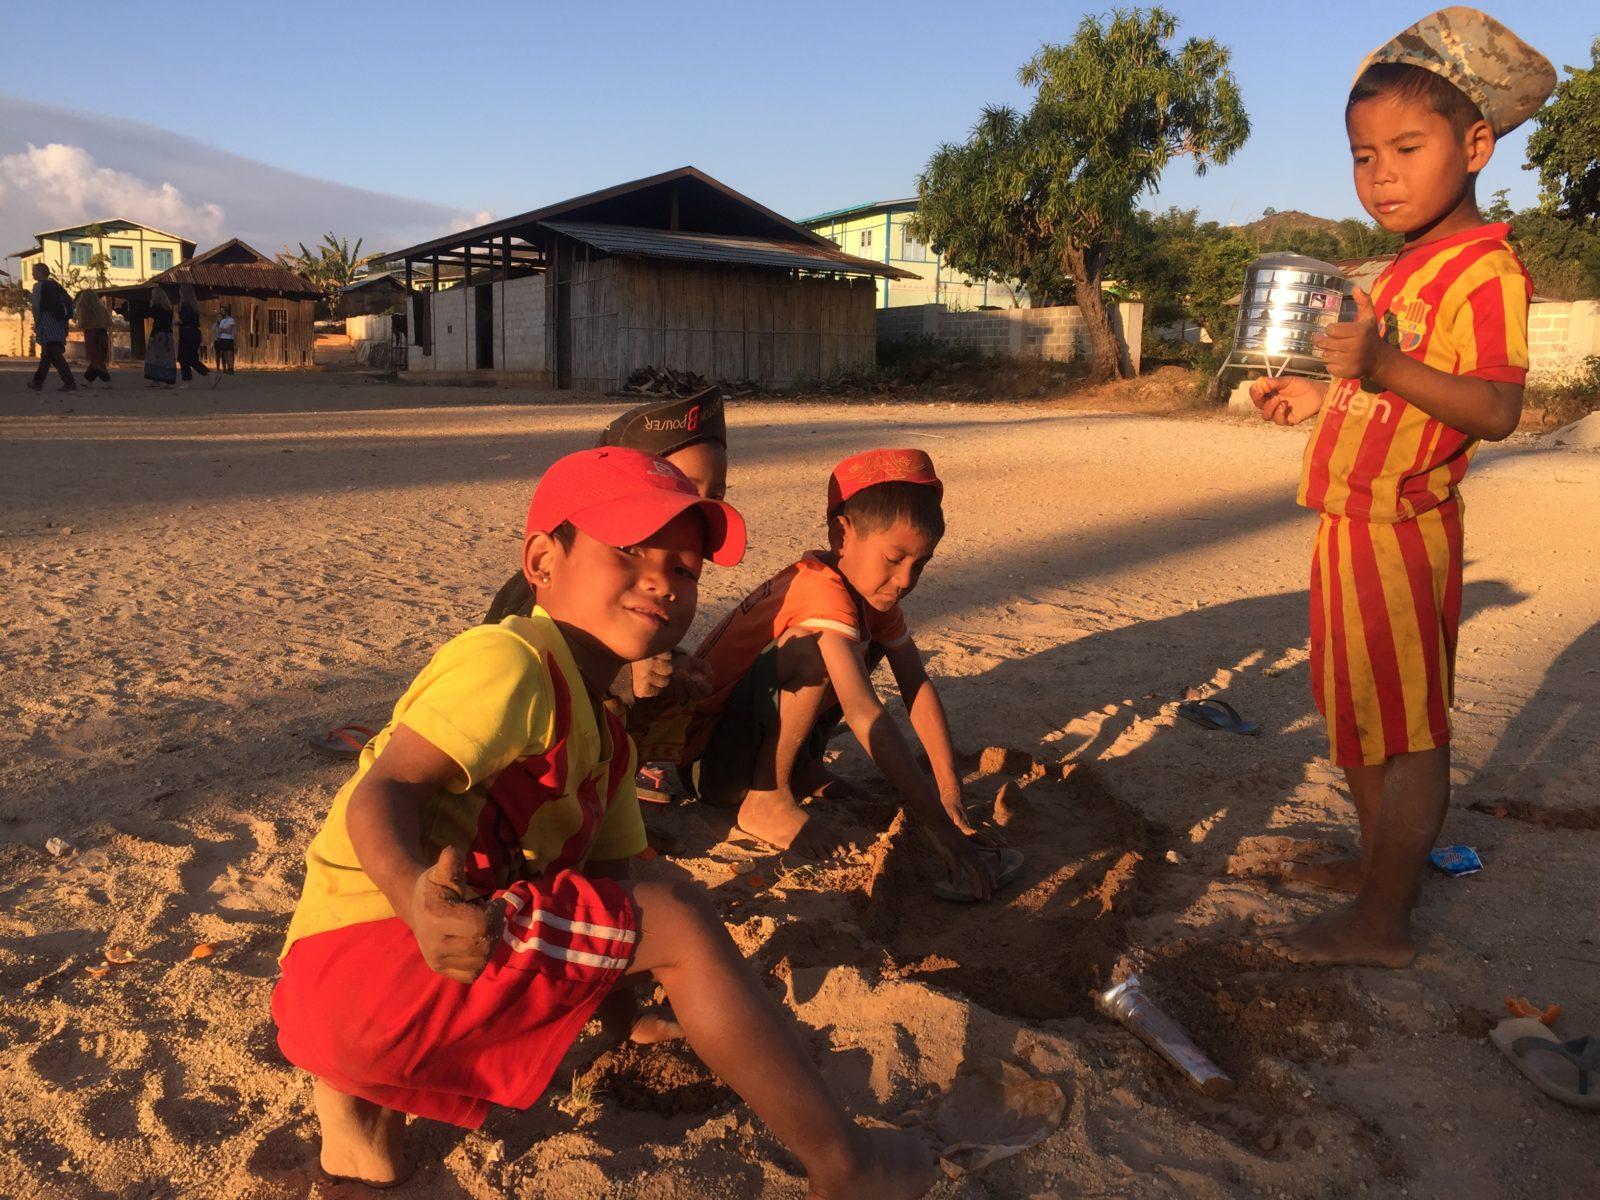 Einheimische Kindern beim Spielen in einem der Dörfer auf dem Weg.